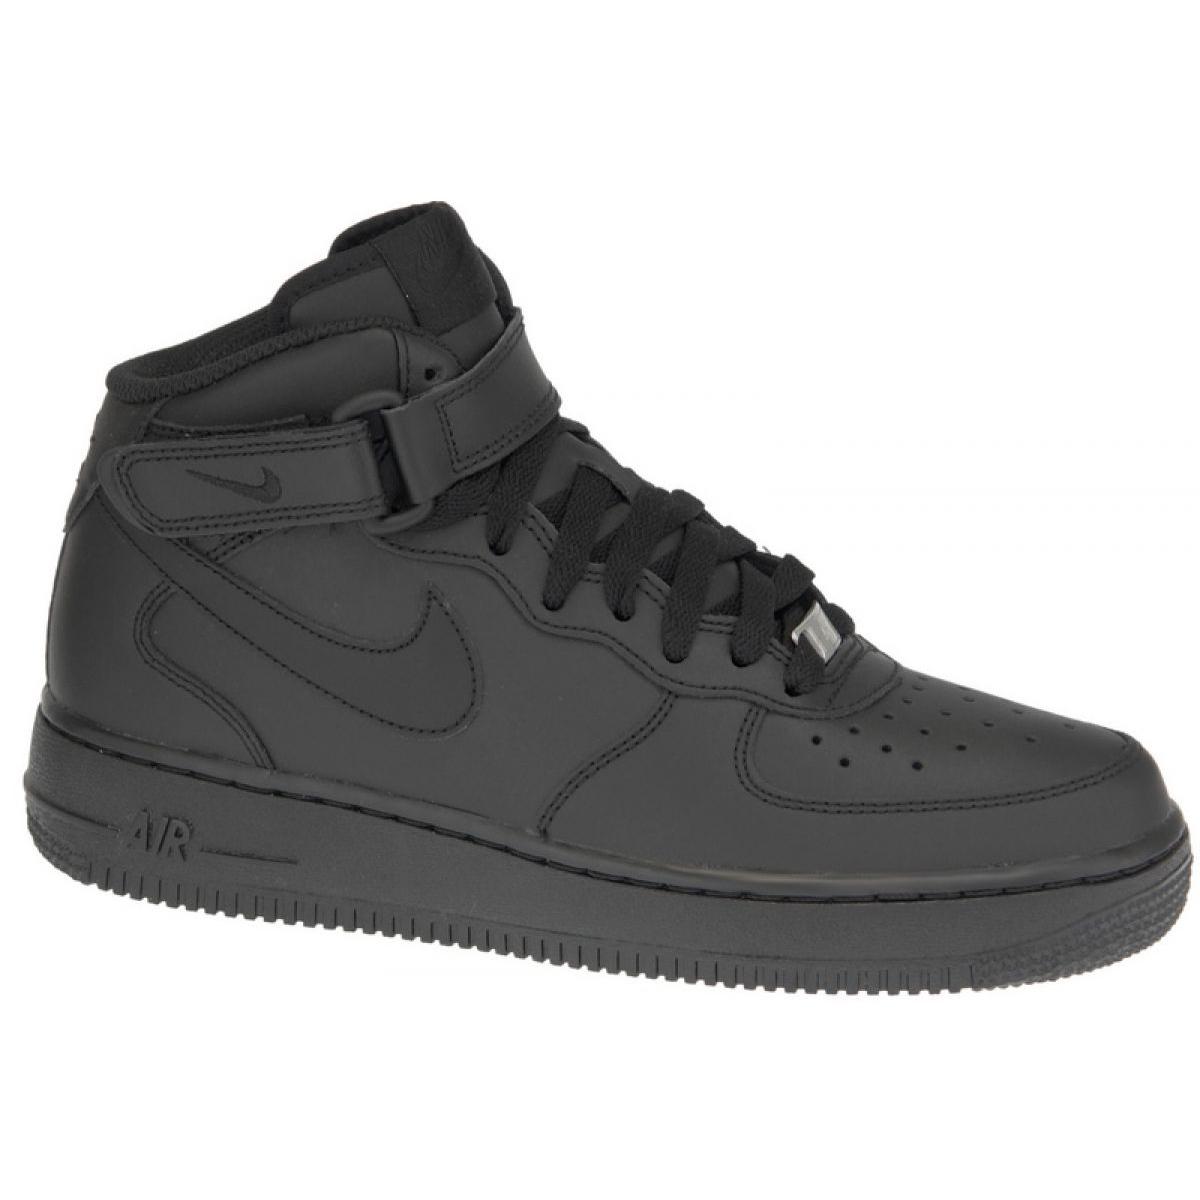 Sapatos Nike Air Force 1 Mid Gs W 314195 004 preto